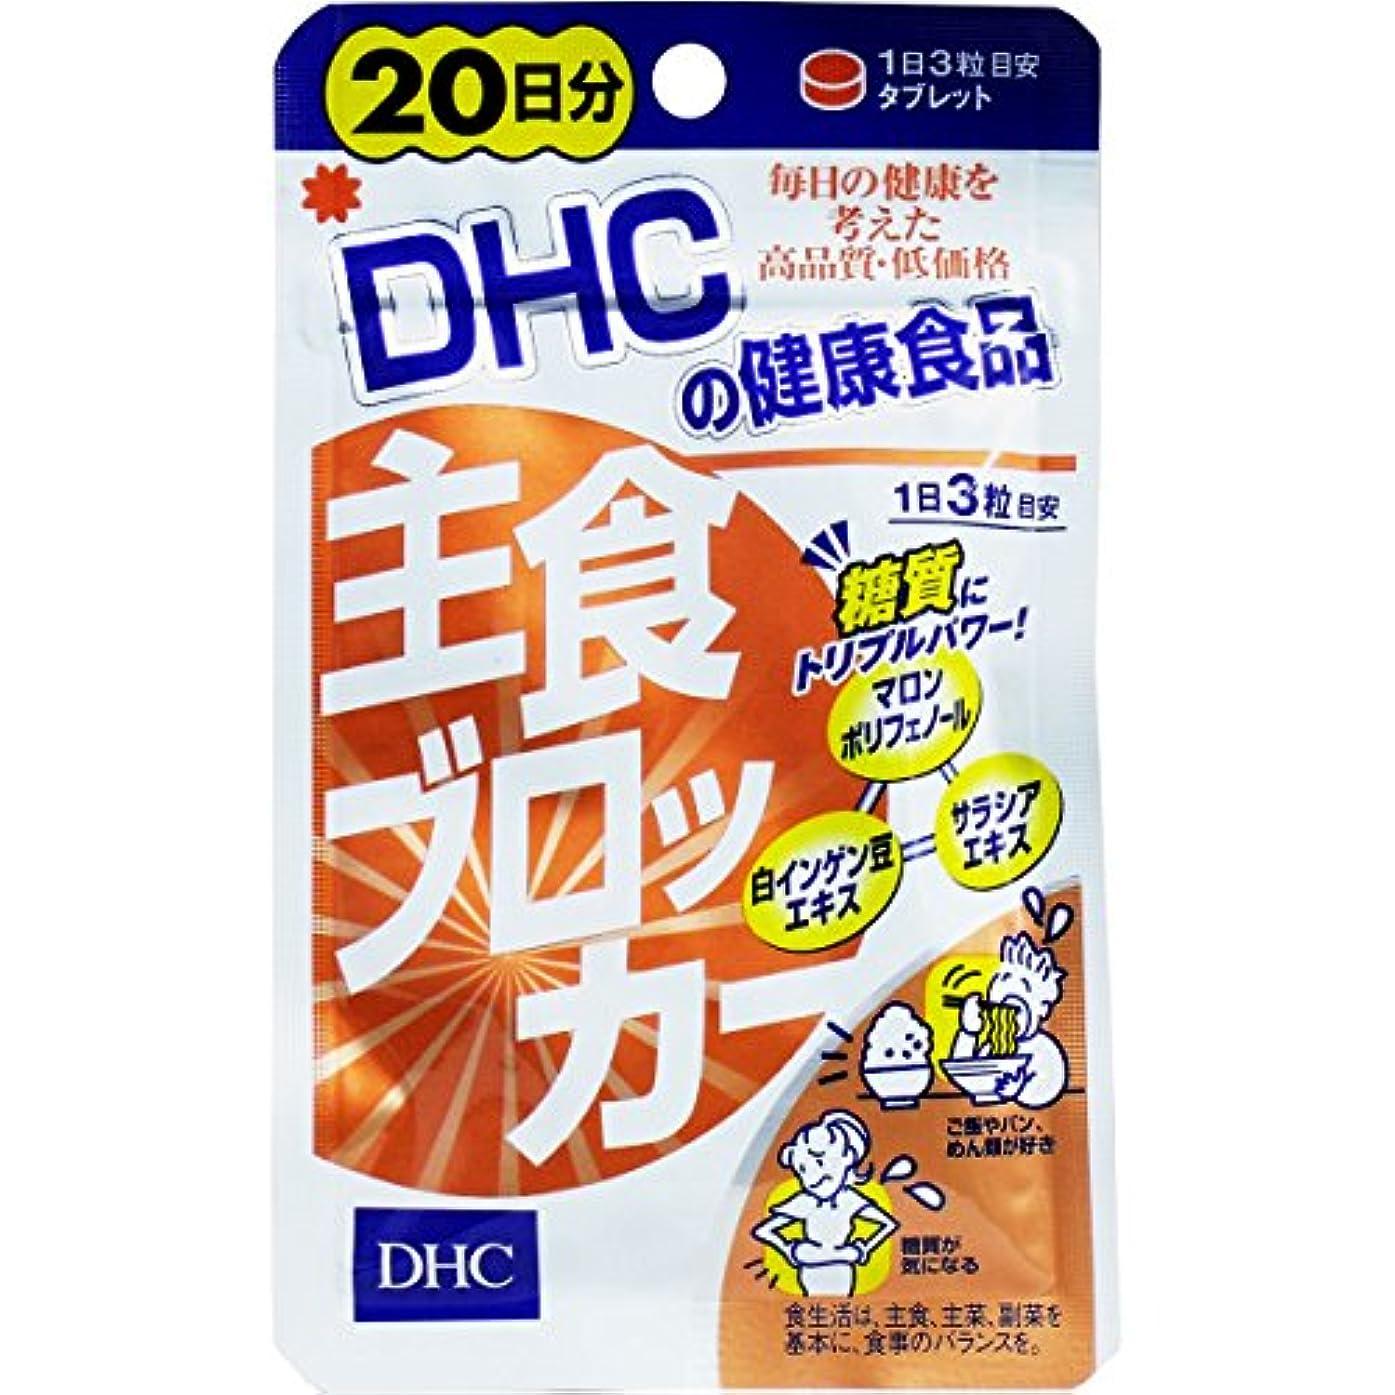 チェスズーム感動するダイエット トリプルパワーでため込み対策 栄養機能食品 DHC 主食ブロッカー 20日分 60粒入【3個セット】